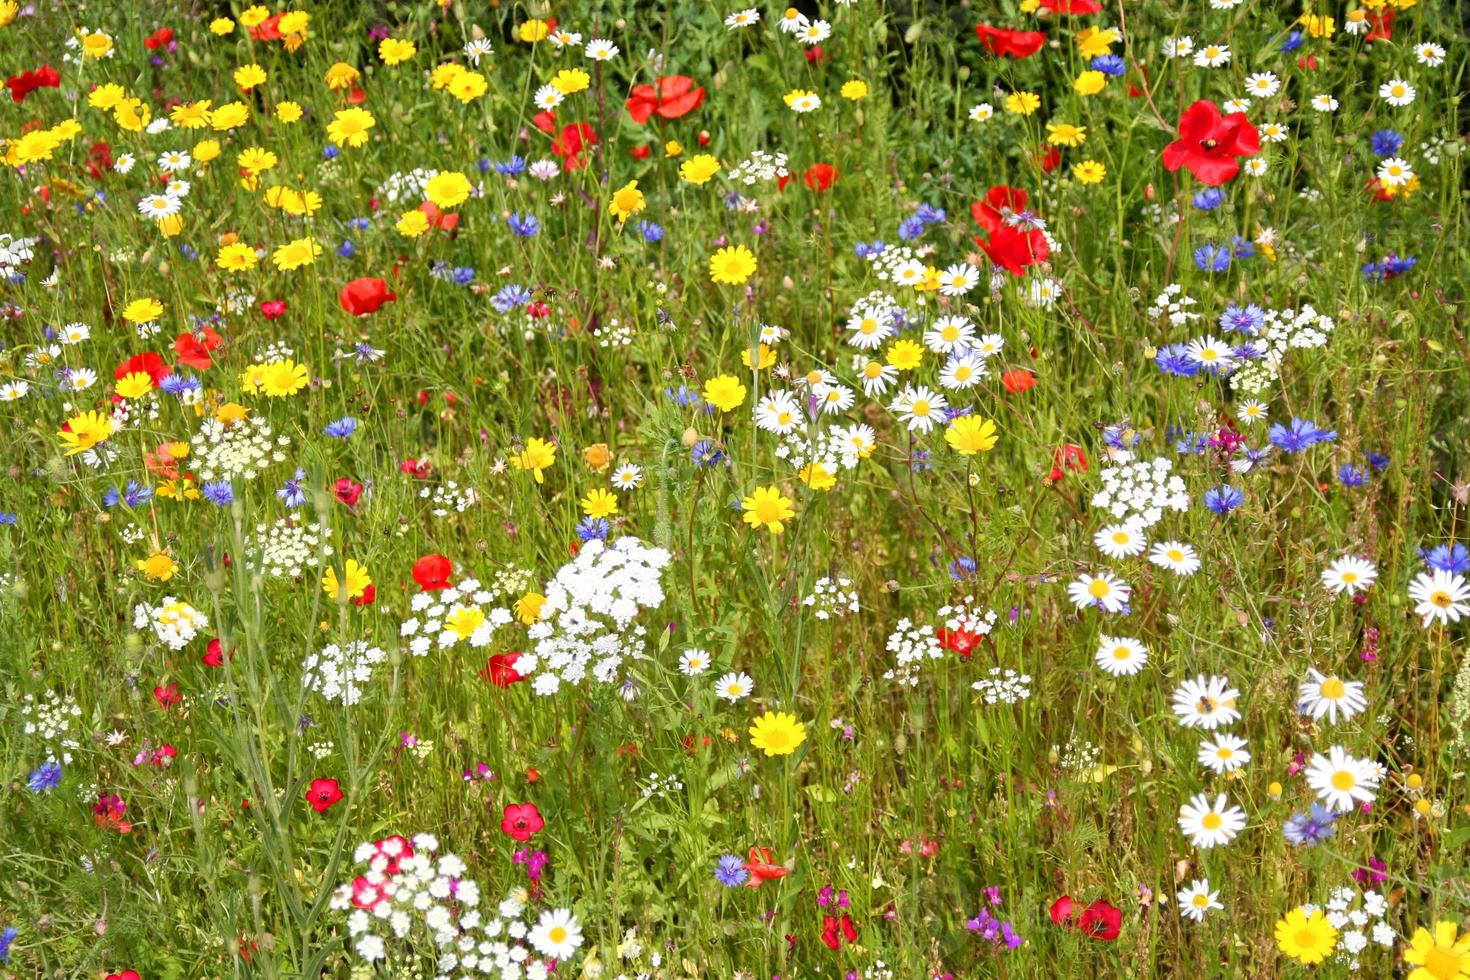 fiori selvatici. foto